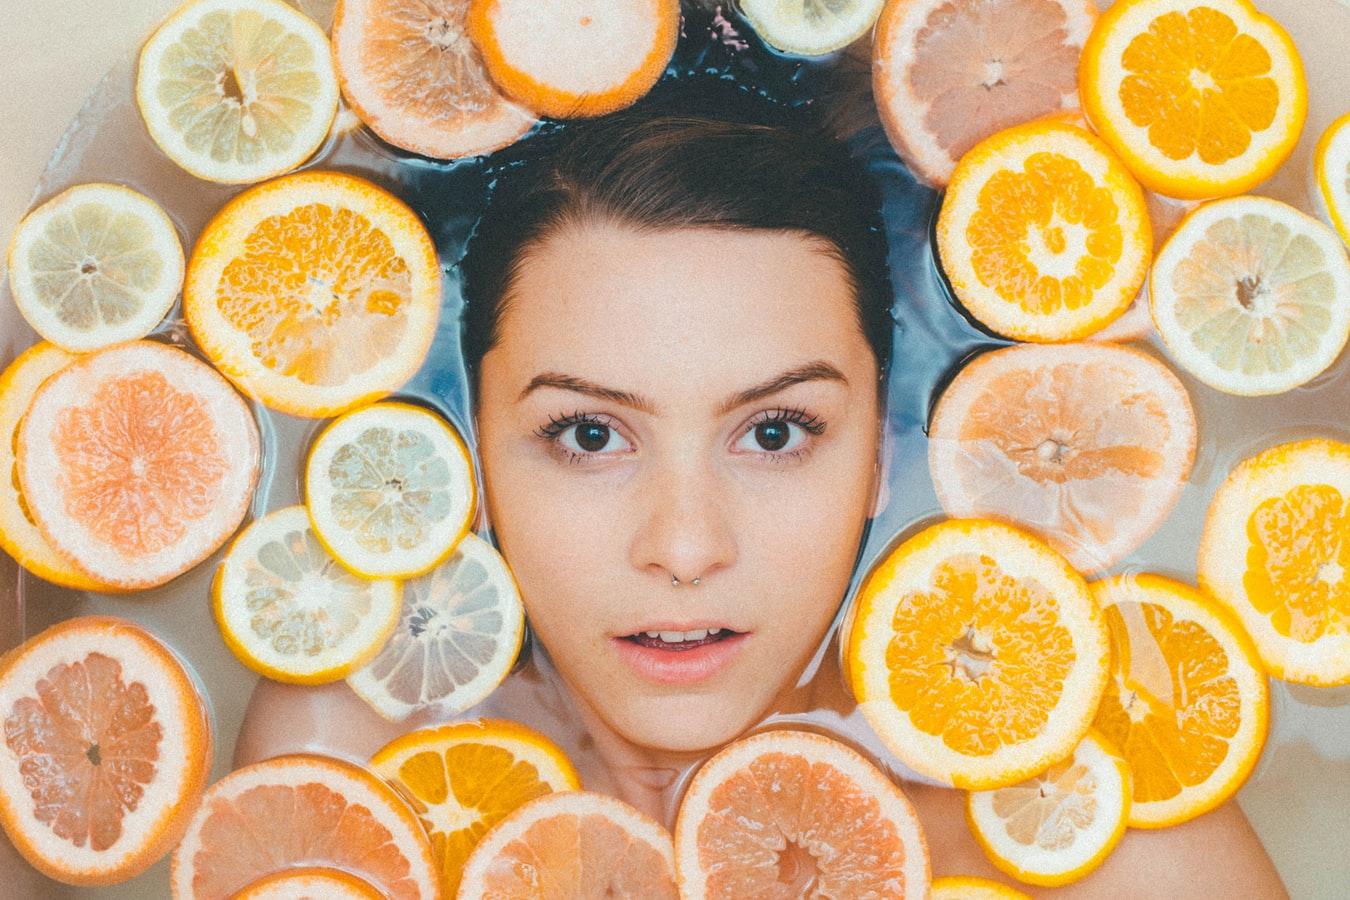 9 Best Drugstore Vitamin C Serums Under $30 for Brighter, Glowing Skin